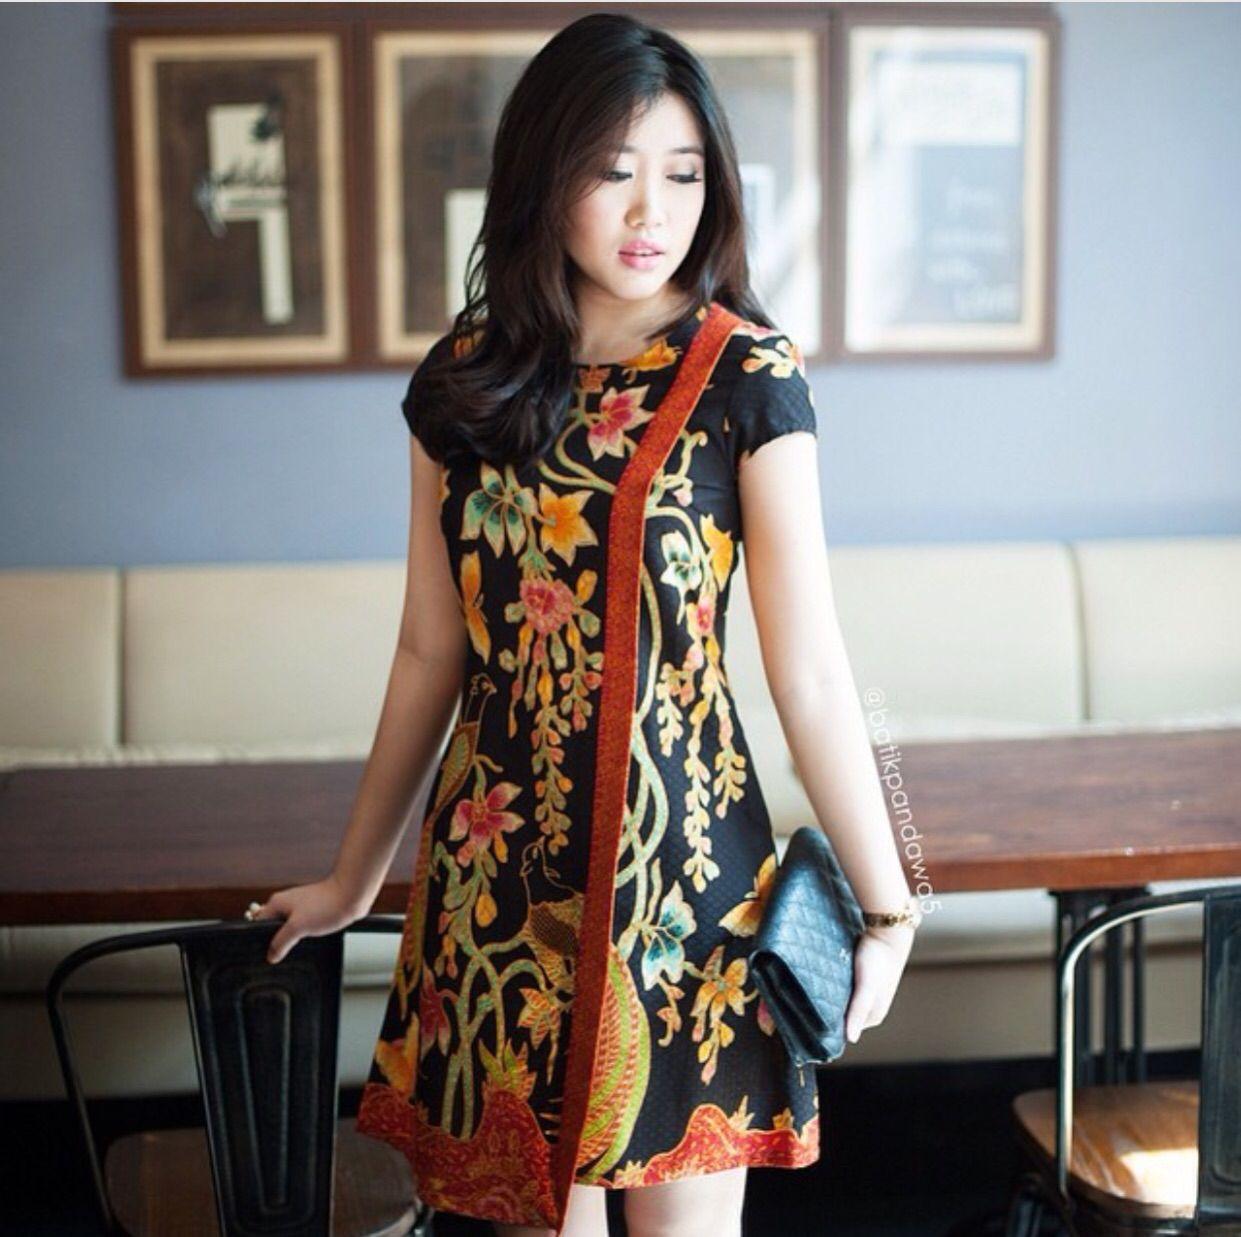 Jual Baju Gamis Wanita Maidia Batik - Dress Muslim Gamis ...  Model Dress Batik Pesta